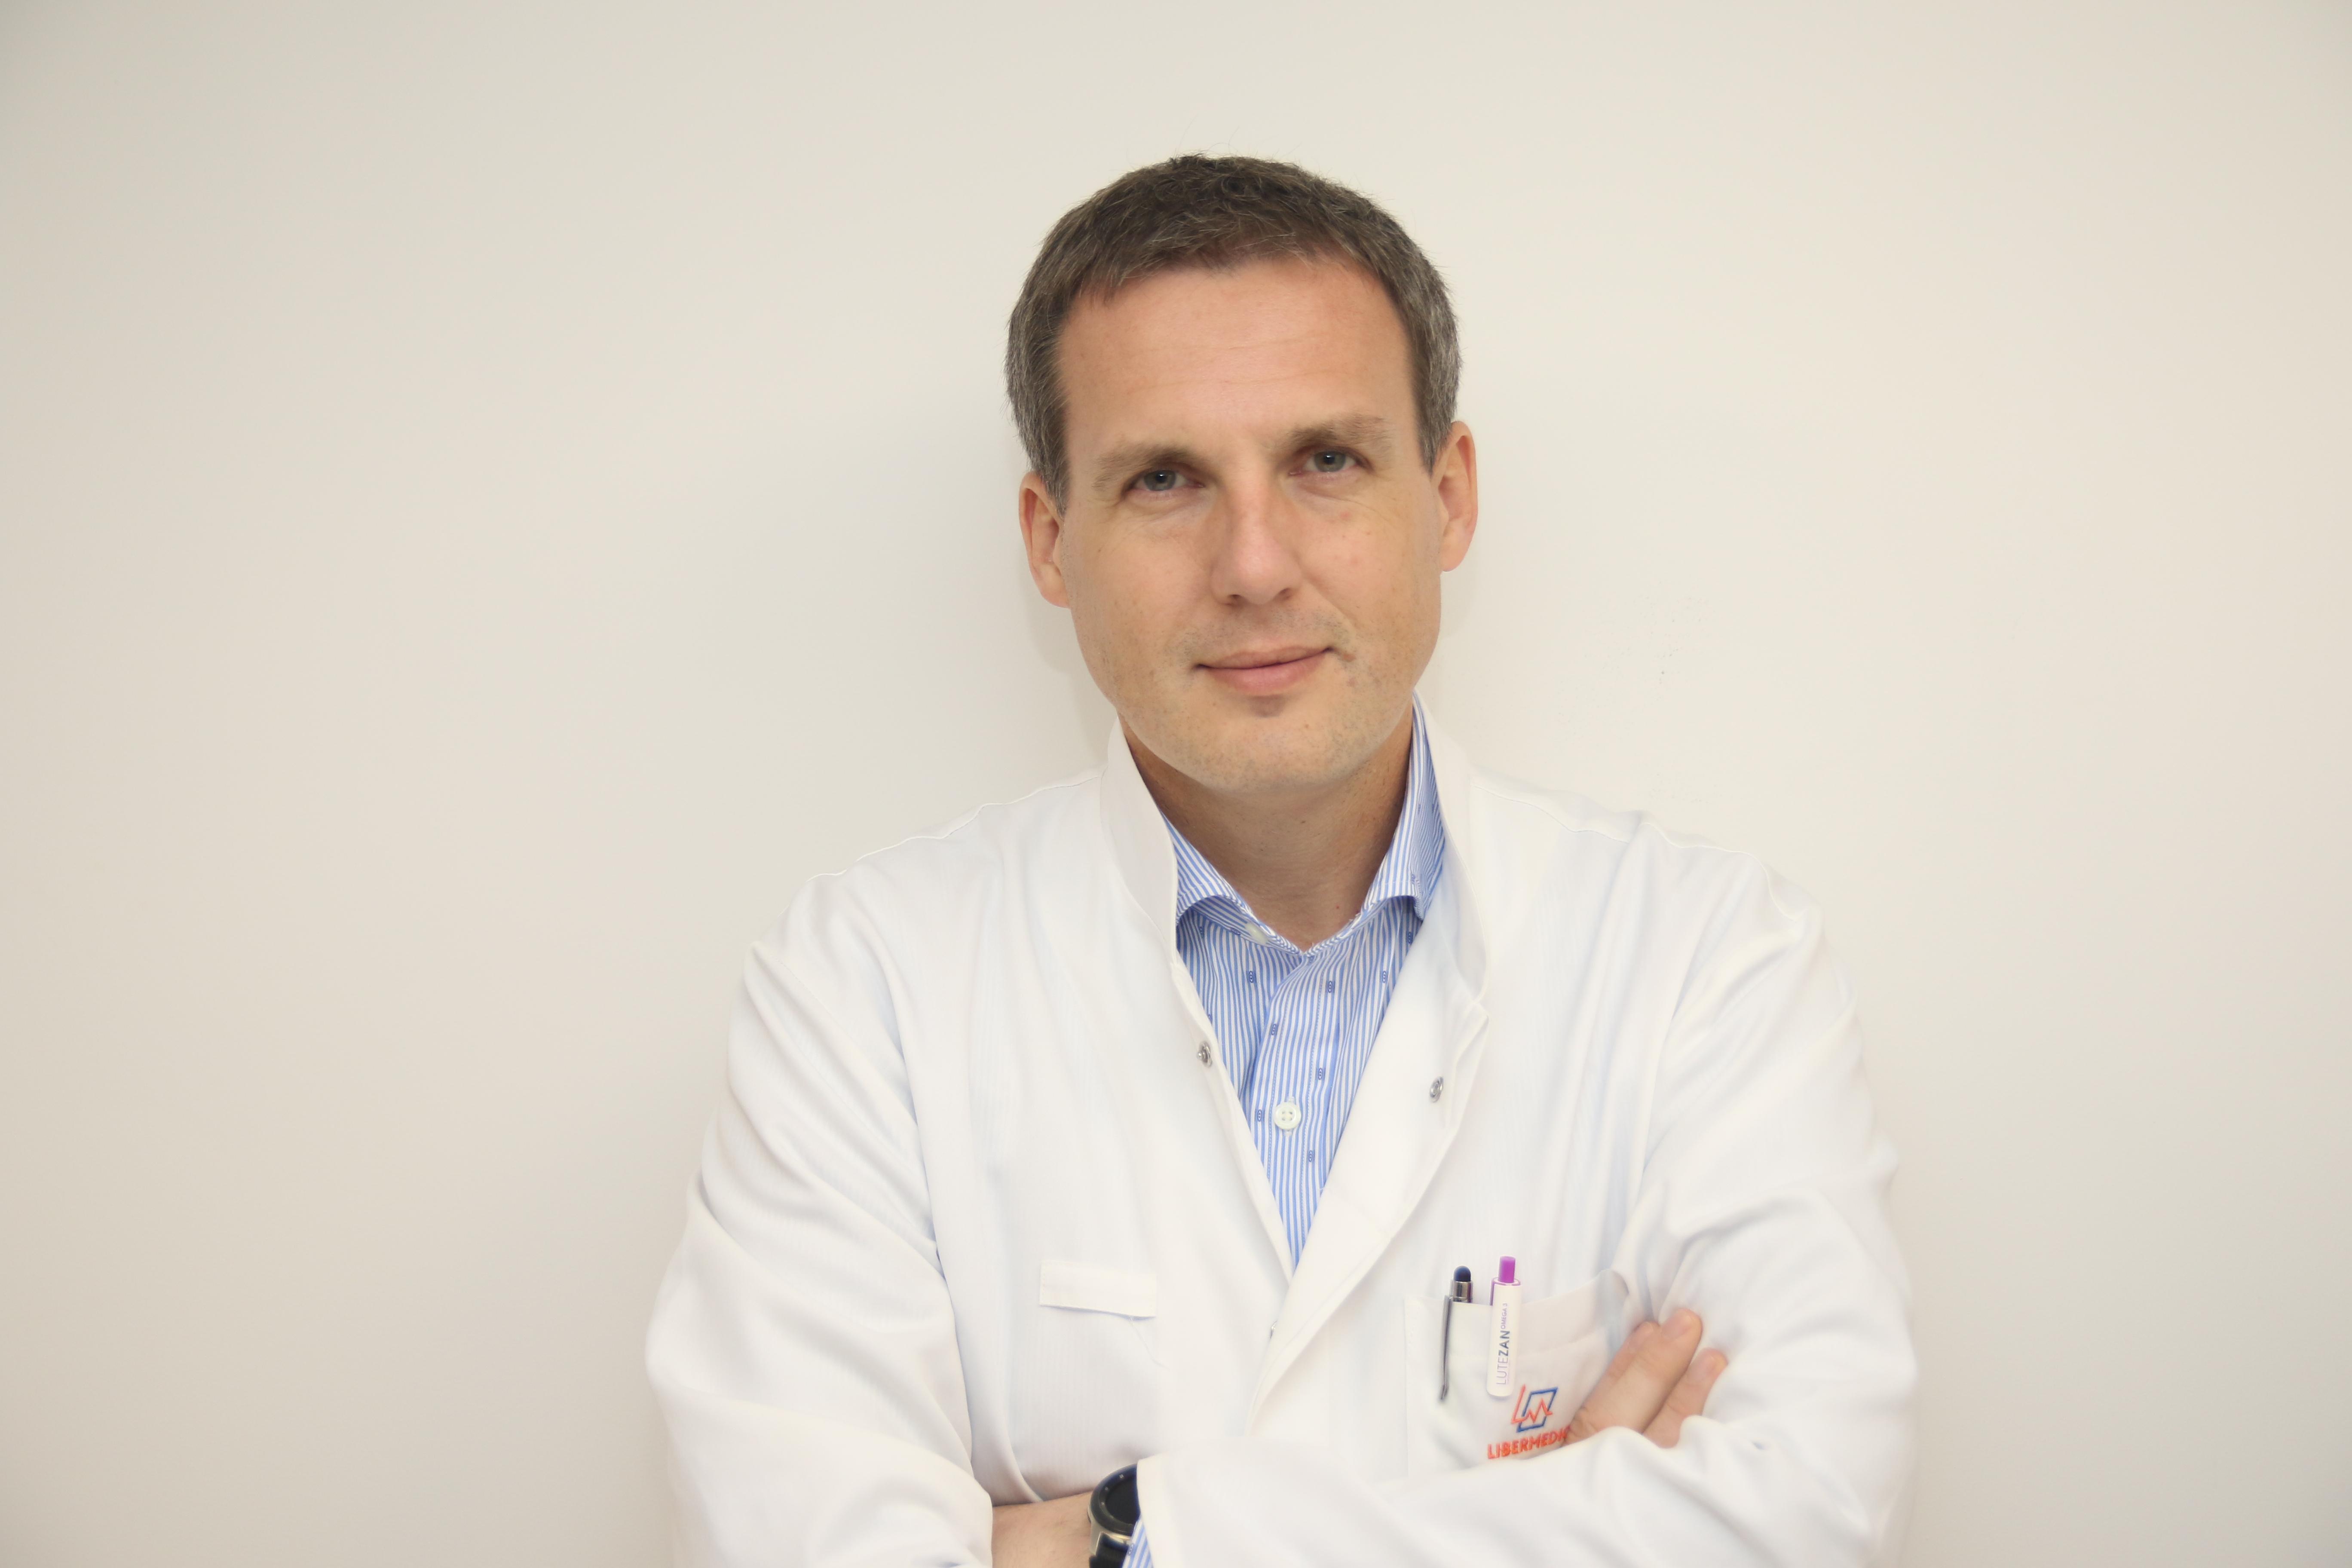 lek. med.  Okulista-chirurg specjalizujący się w operacjach korekcji presbiopii. Zajmuje się kwalifikowaniem pacjentów do zabiegów (PresbyMax, RLE również z Systemem Synergy) oraz wykonuje zabiegi pozwalające pacjentom na rezygnację z okularów do czytania.